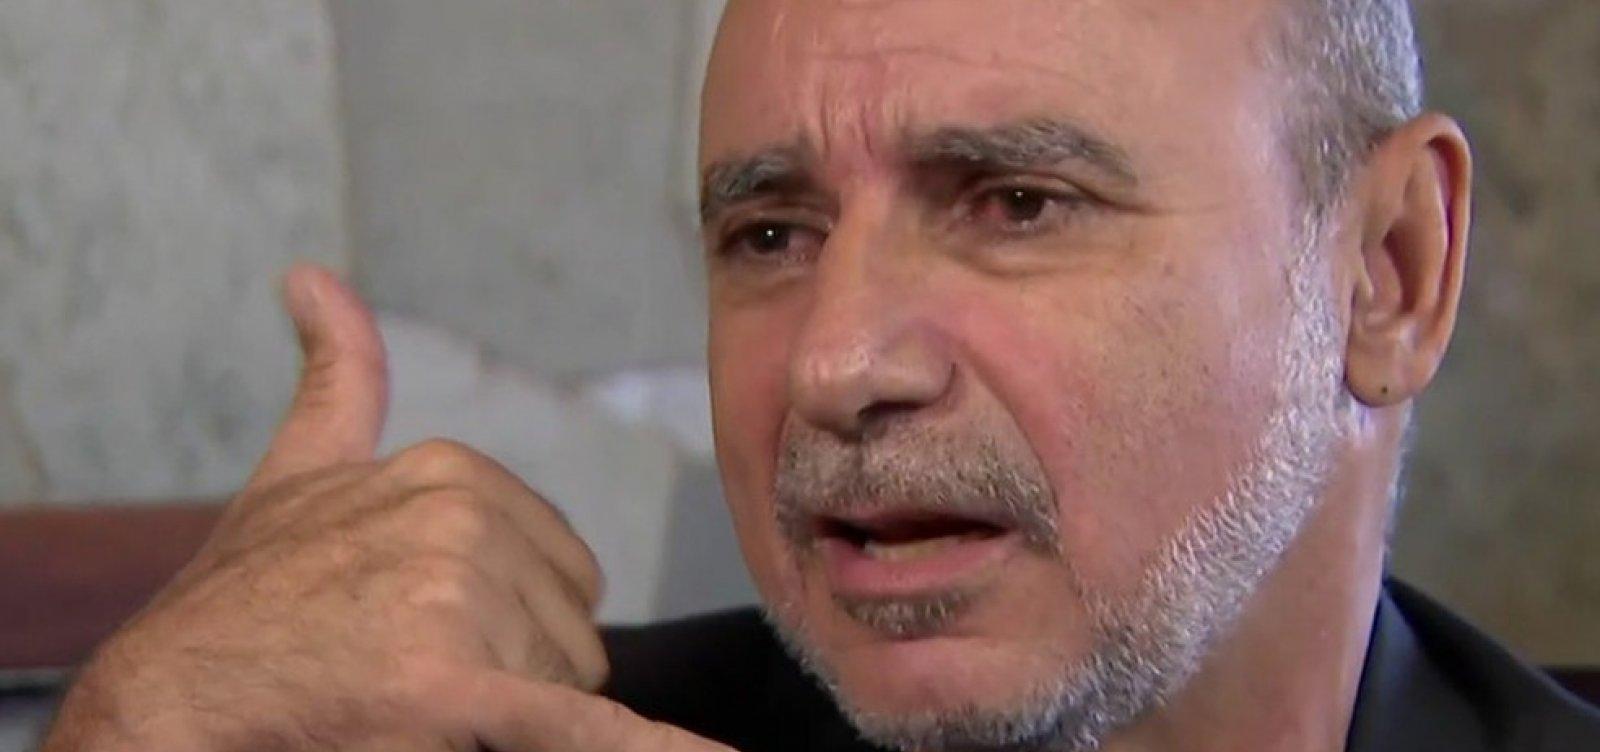 Ministro do STJ revoga liminar e Queiroz volta para prisão